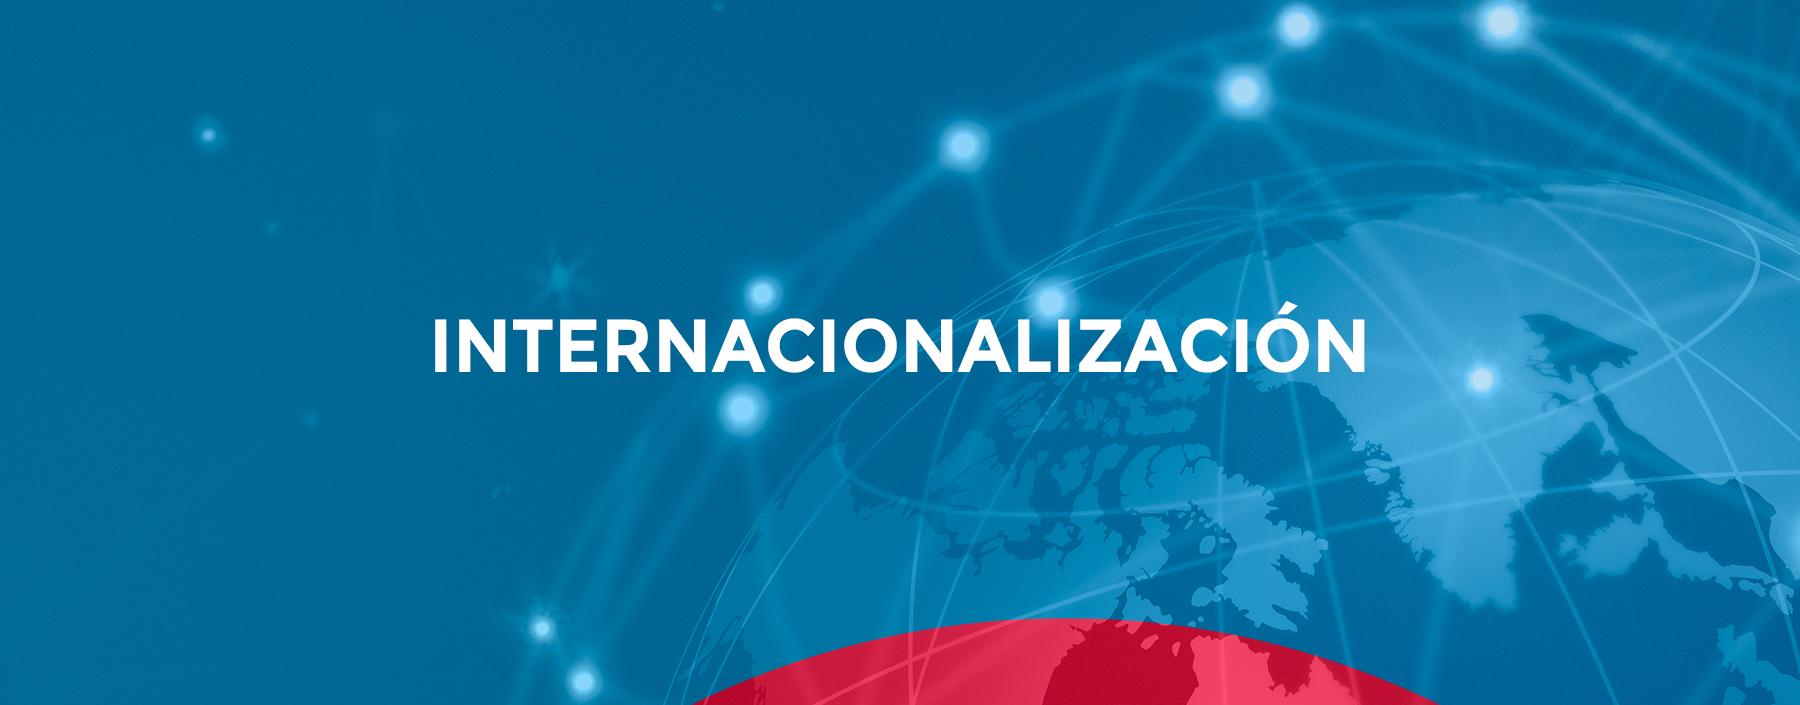 banner-internacionalizacion